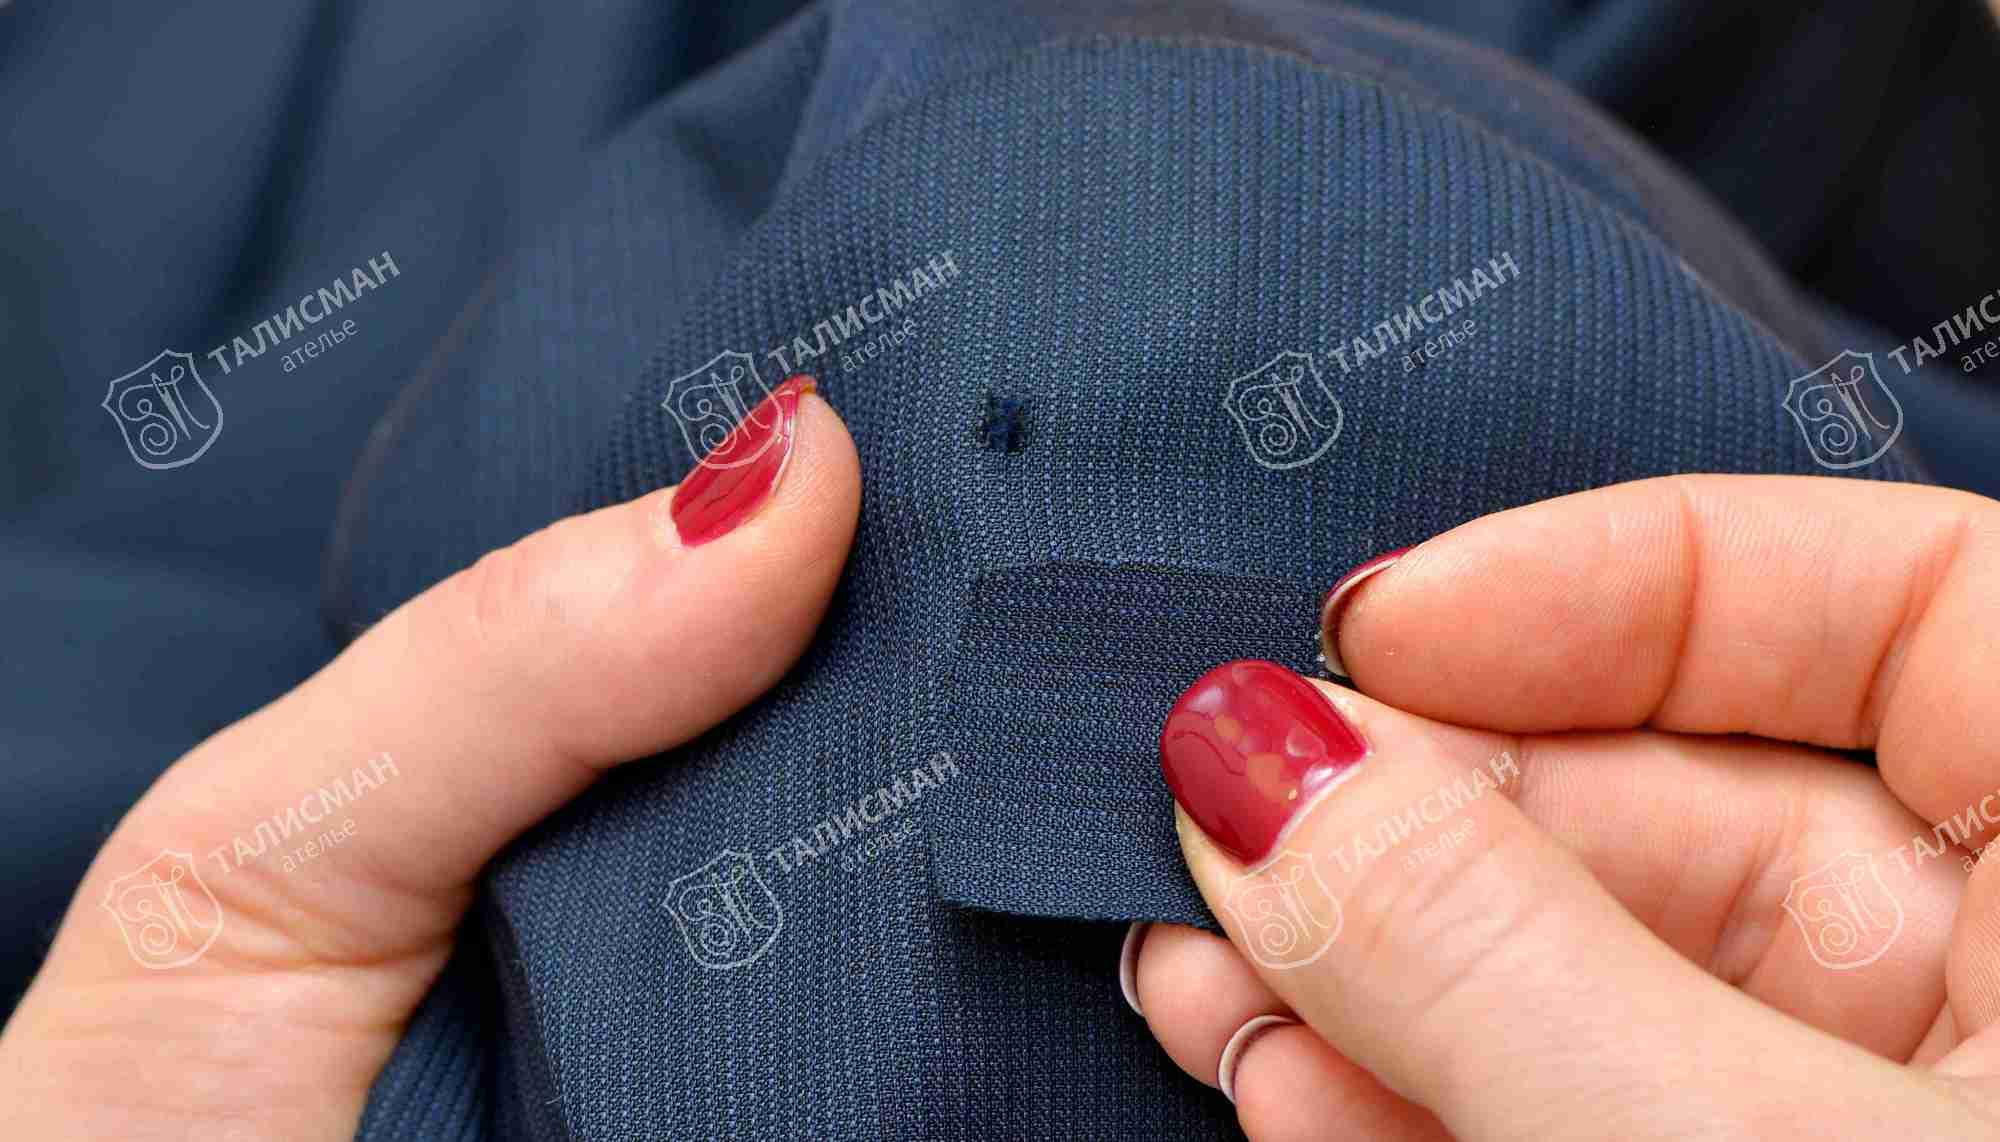 Как убрать зацепку на платье